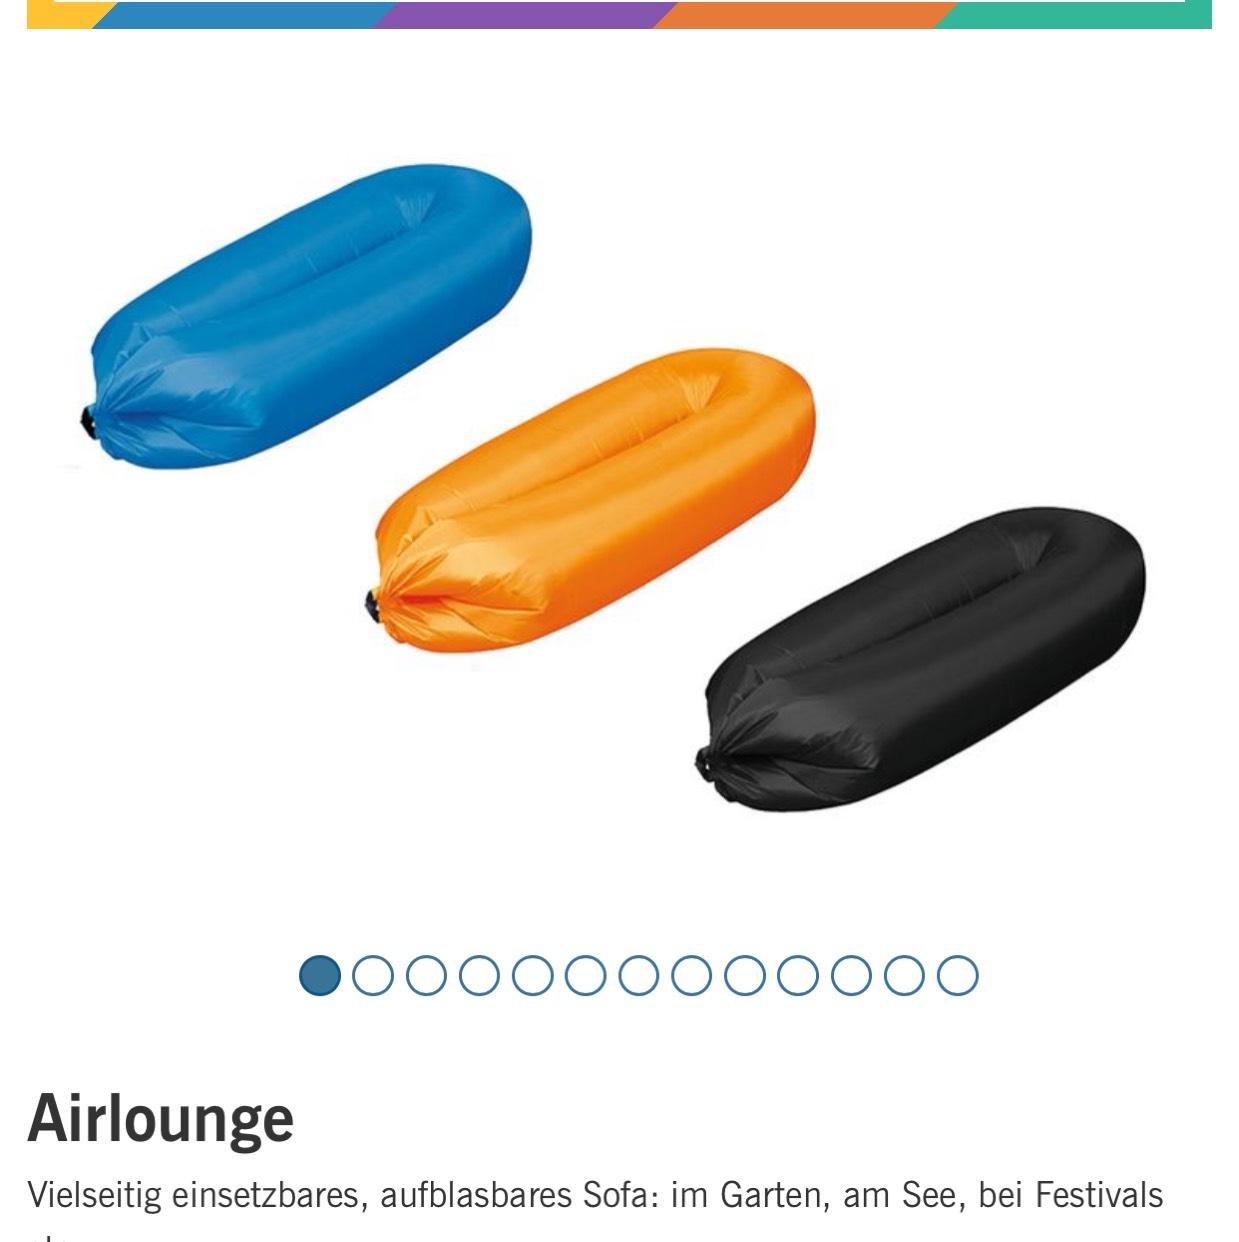 Lidl Online Airlounge,Luftbett, Luftsofa, ideal, leicht,